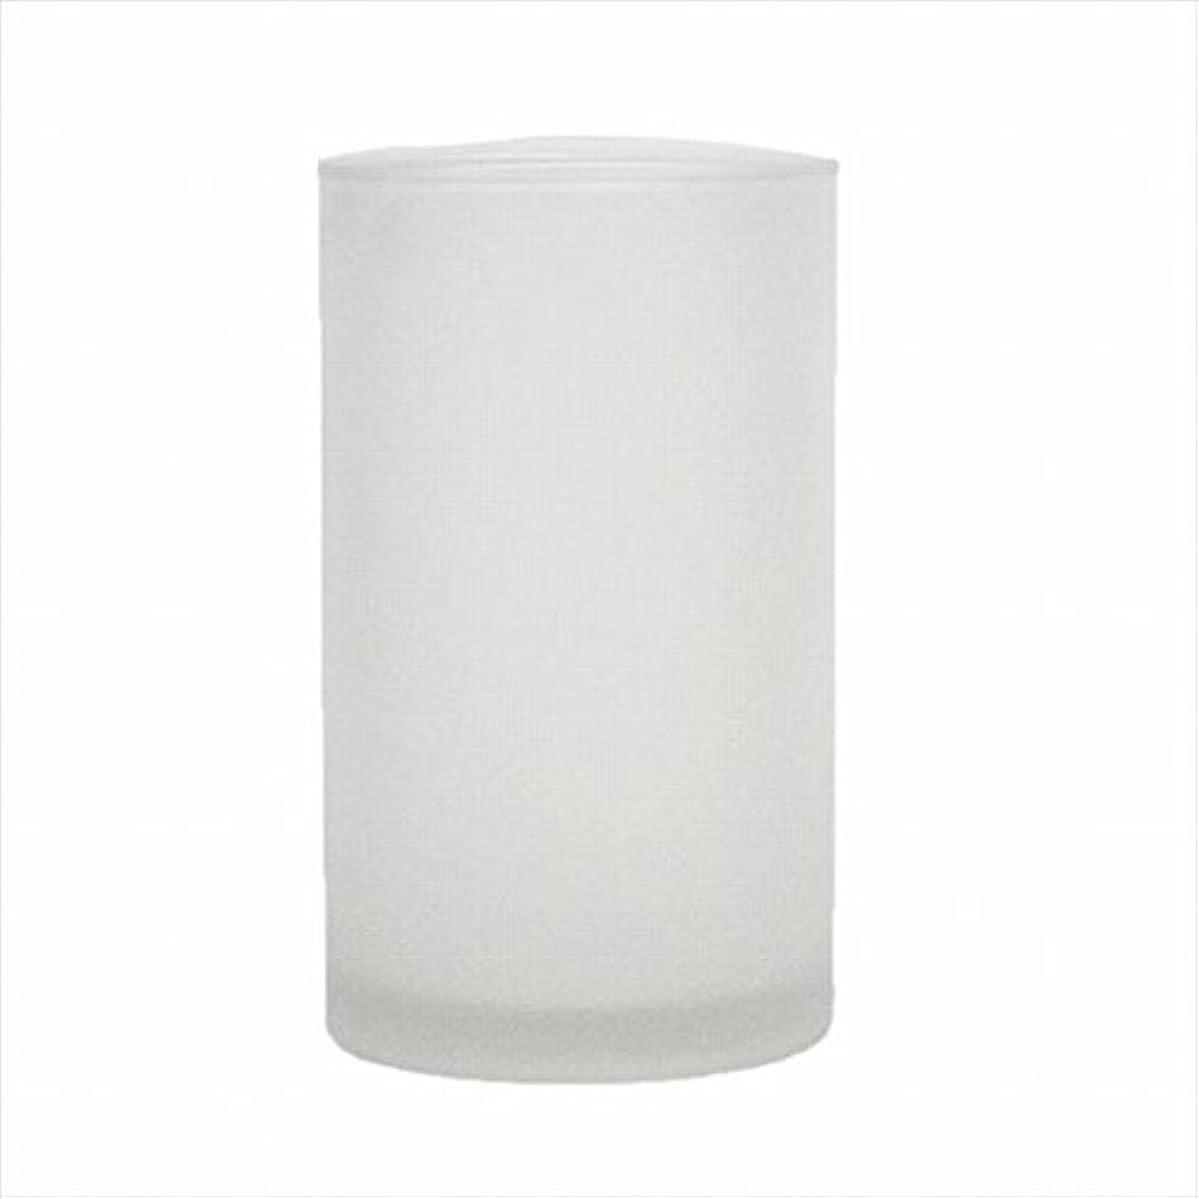 ラジウム皮肉なシネマカメヤマキャンドル(kameyama candle) モルカグラスSフロスト